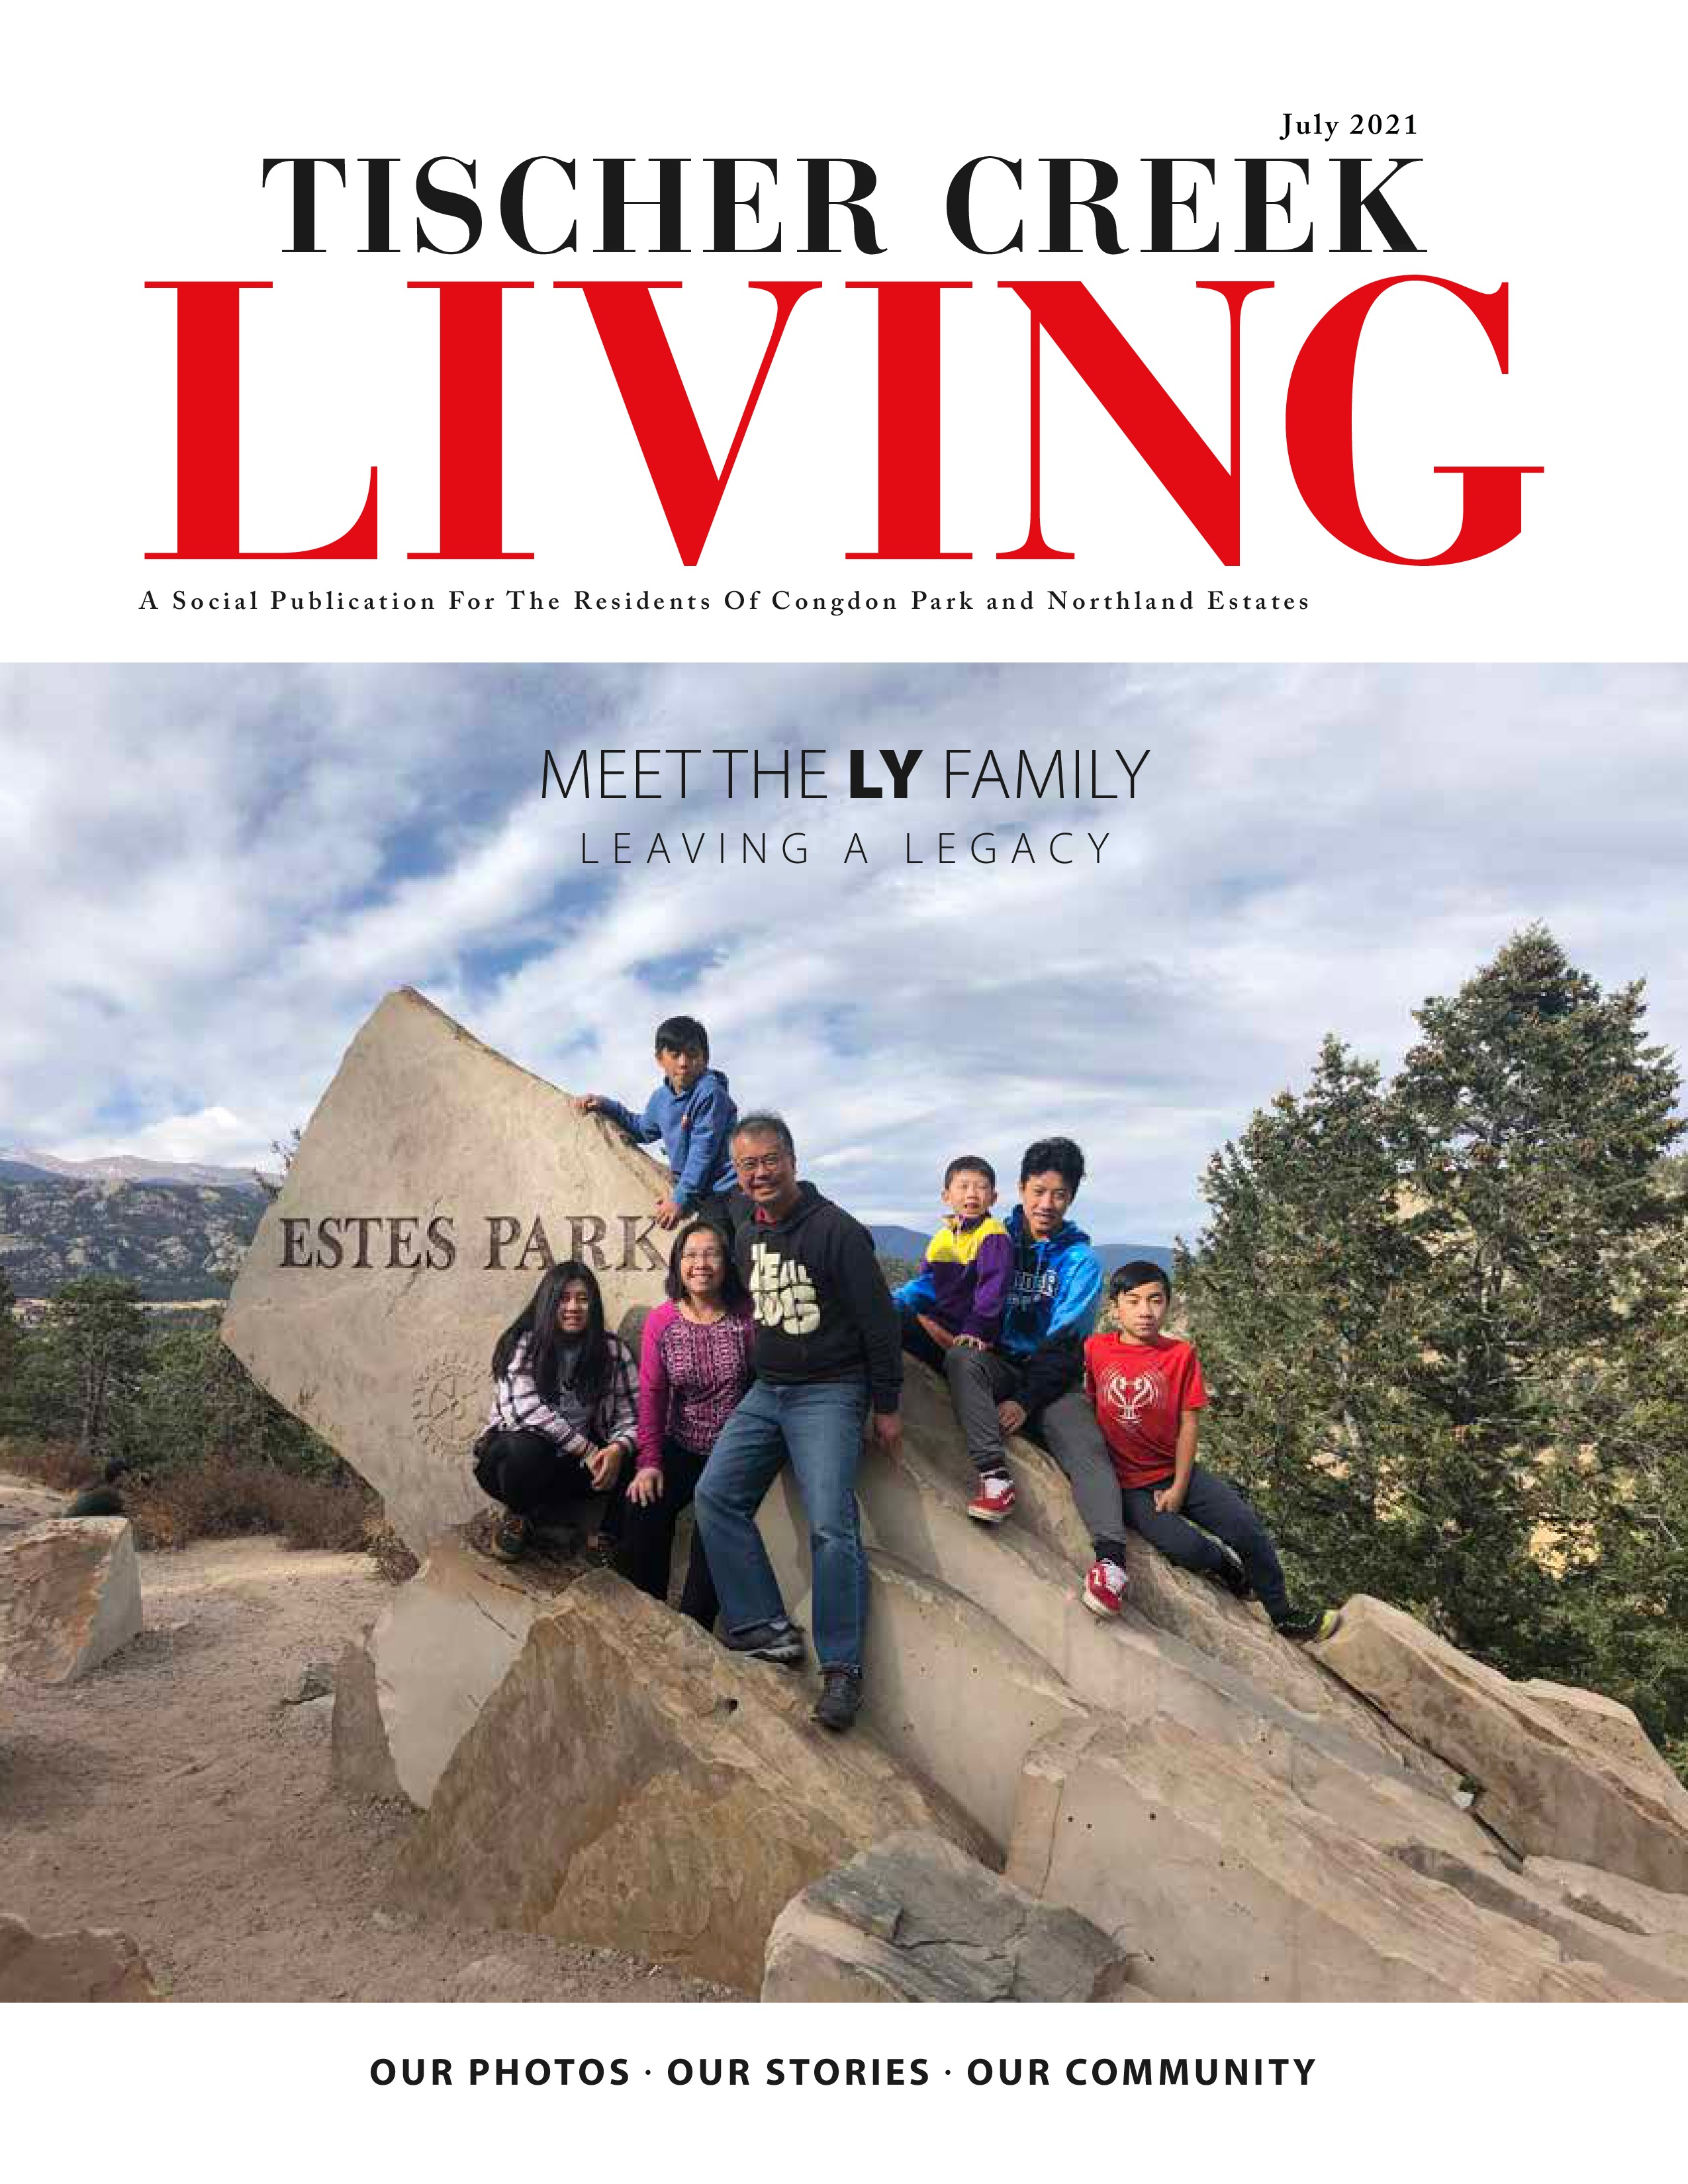 Tischer Creek Living 2021-07-01